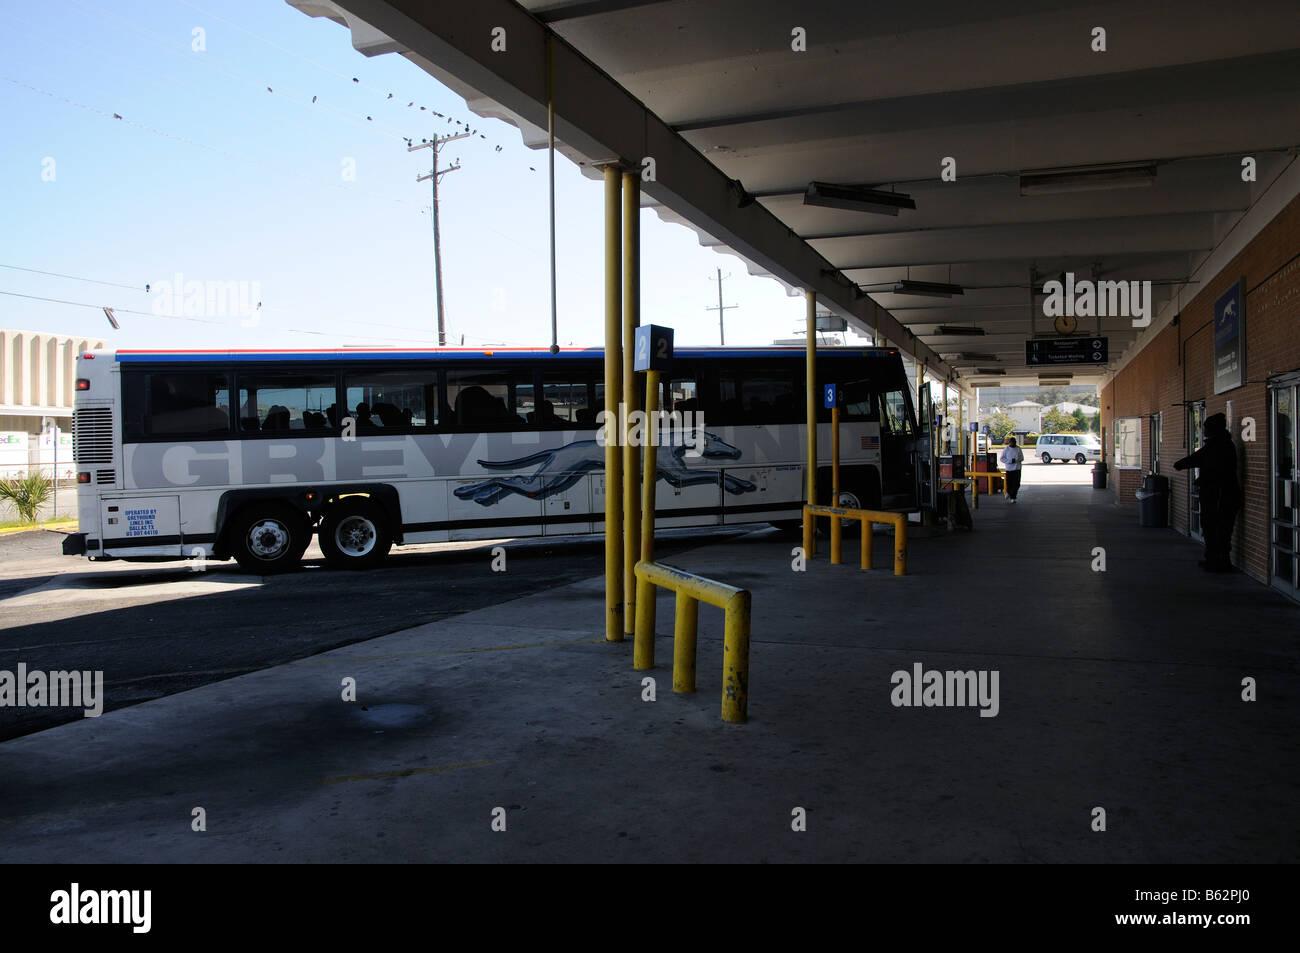 Greyhound Bus America Stock Photos & Greyhound Bus America